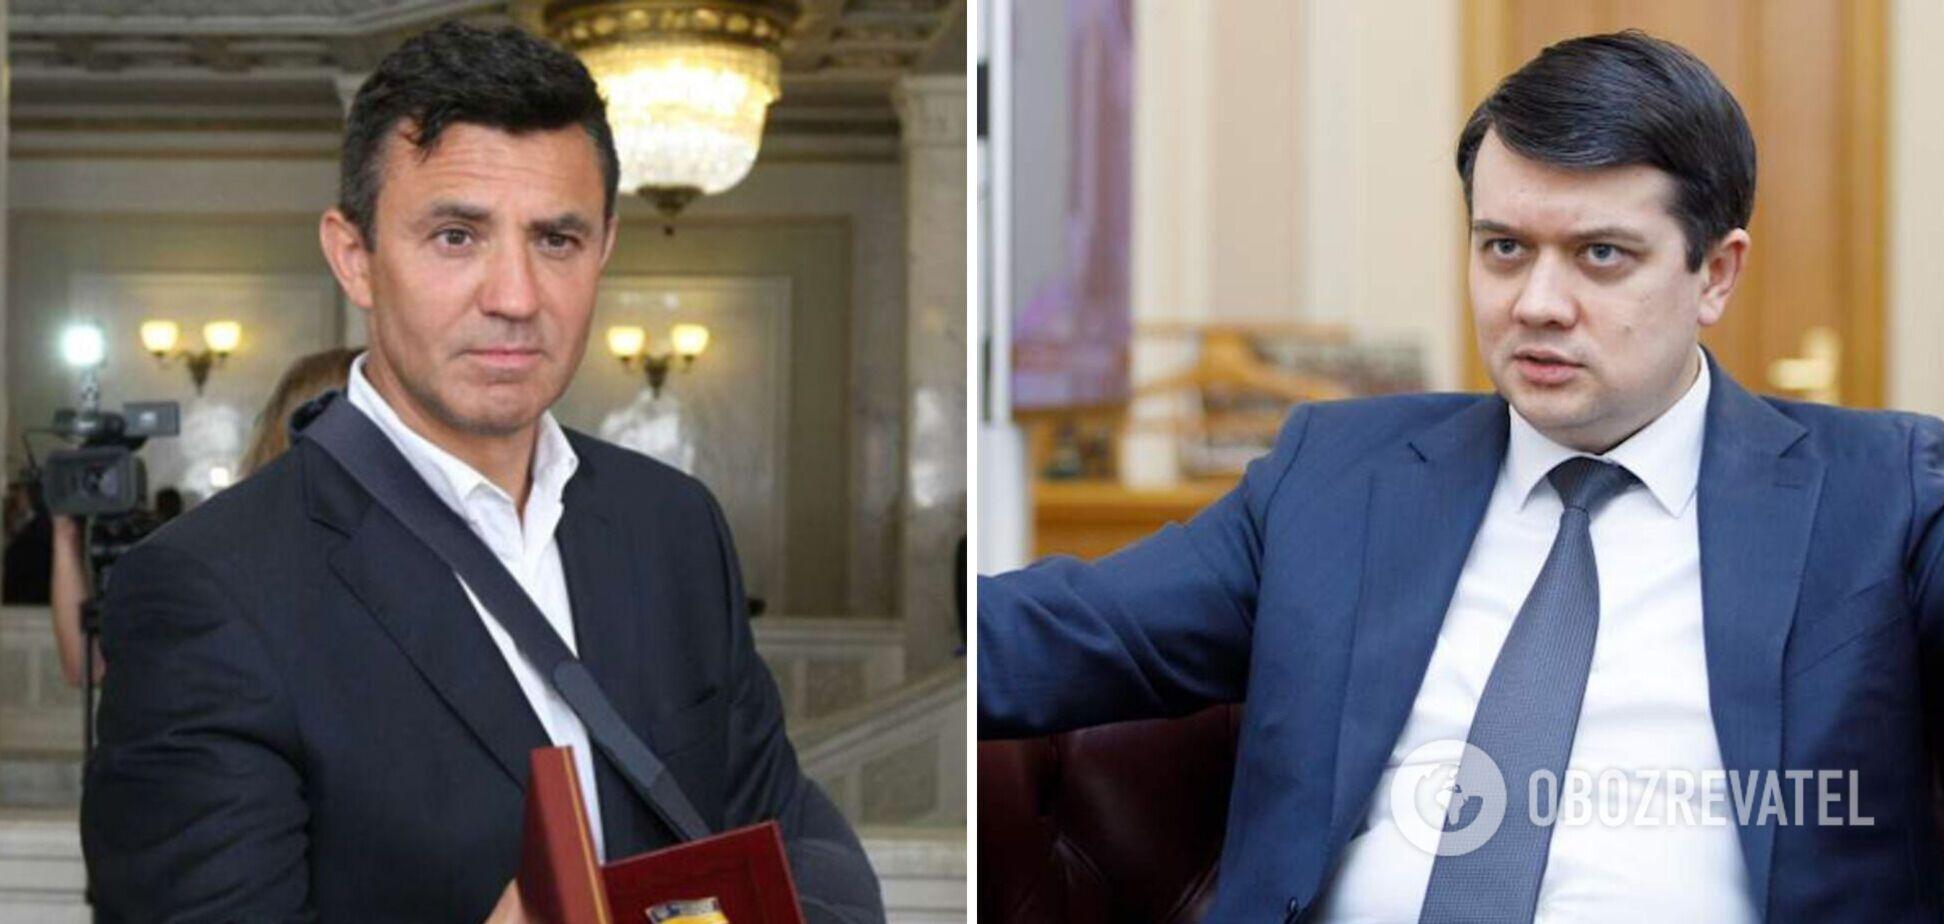 Разумков сказал, что ему стыдно за Тищенко